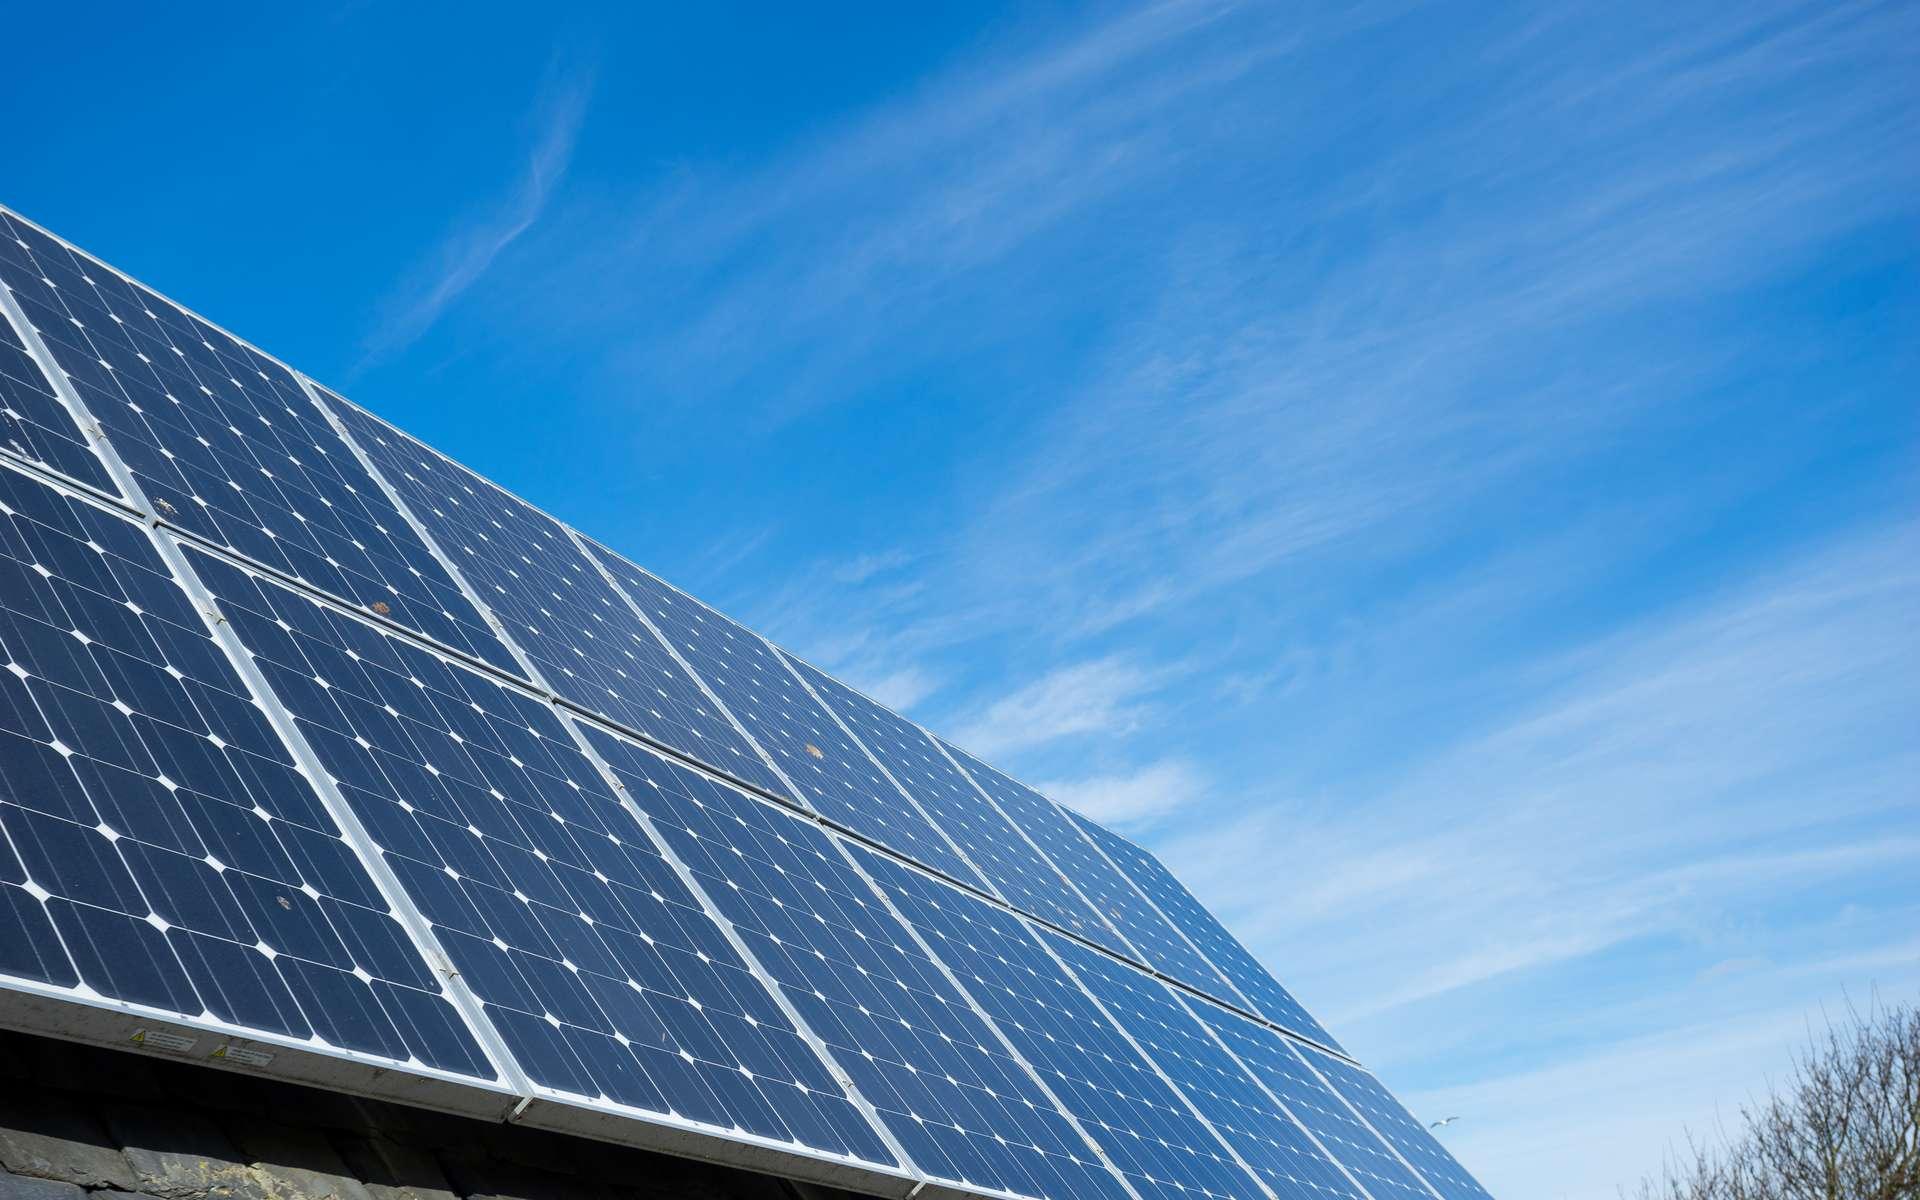 La forte croissance des installations photovoltaïques pose la question du recyclage de ces panneaux solaires usagés. © alice_photos, Adobe Stock